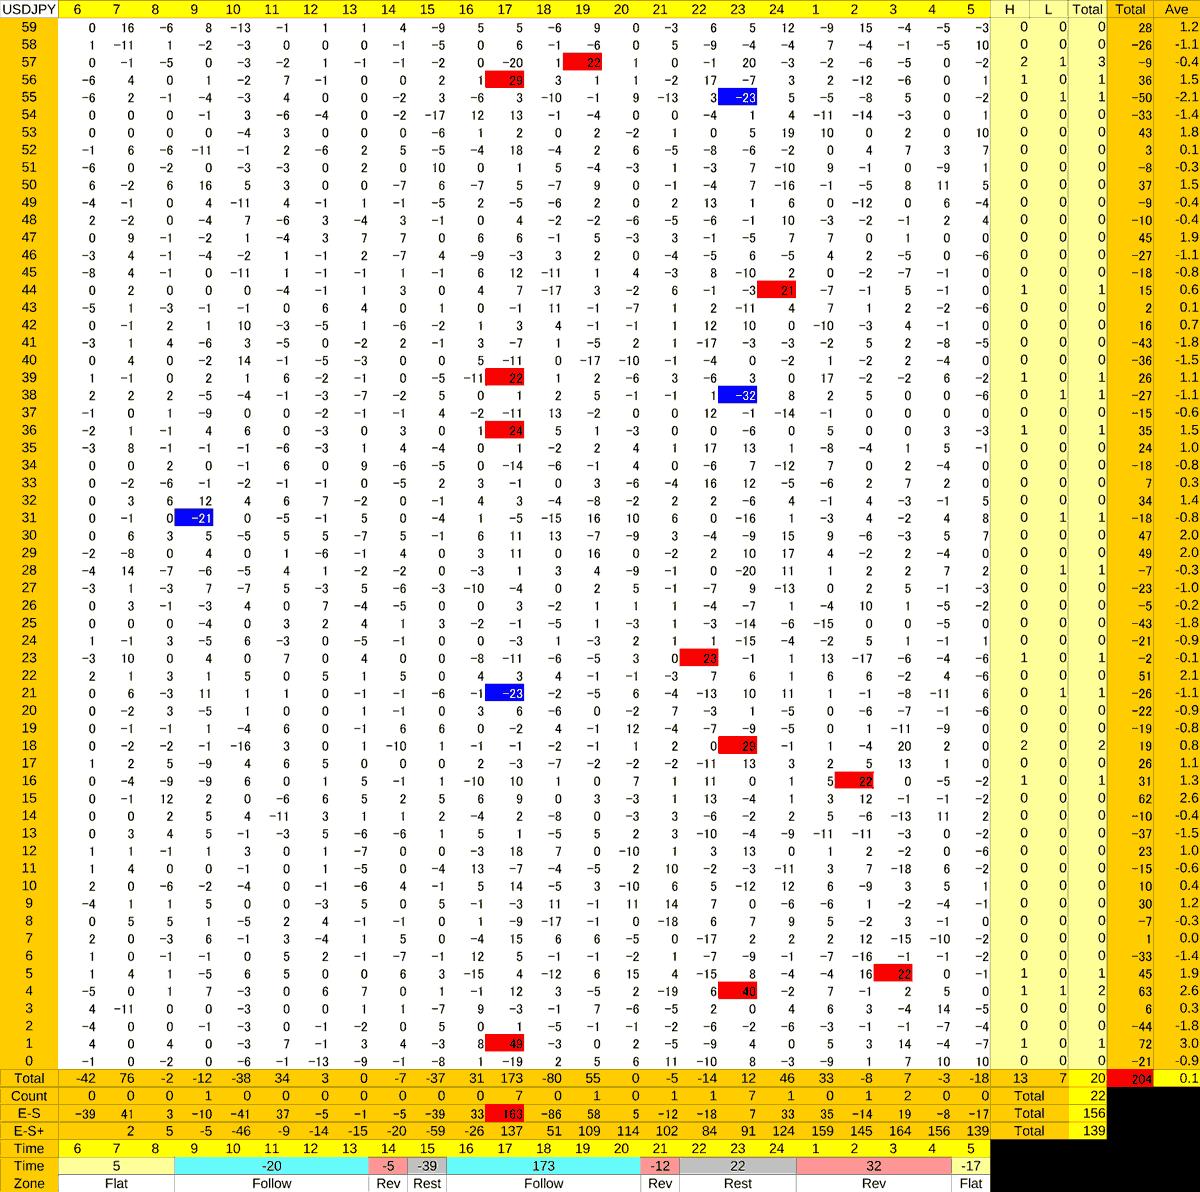 20210211_HS(1)USDJPY